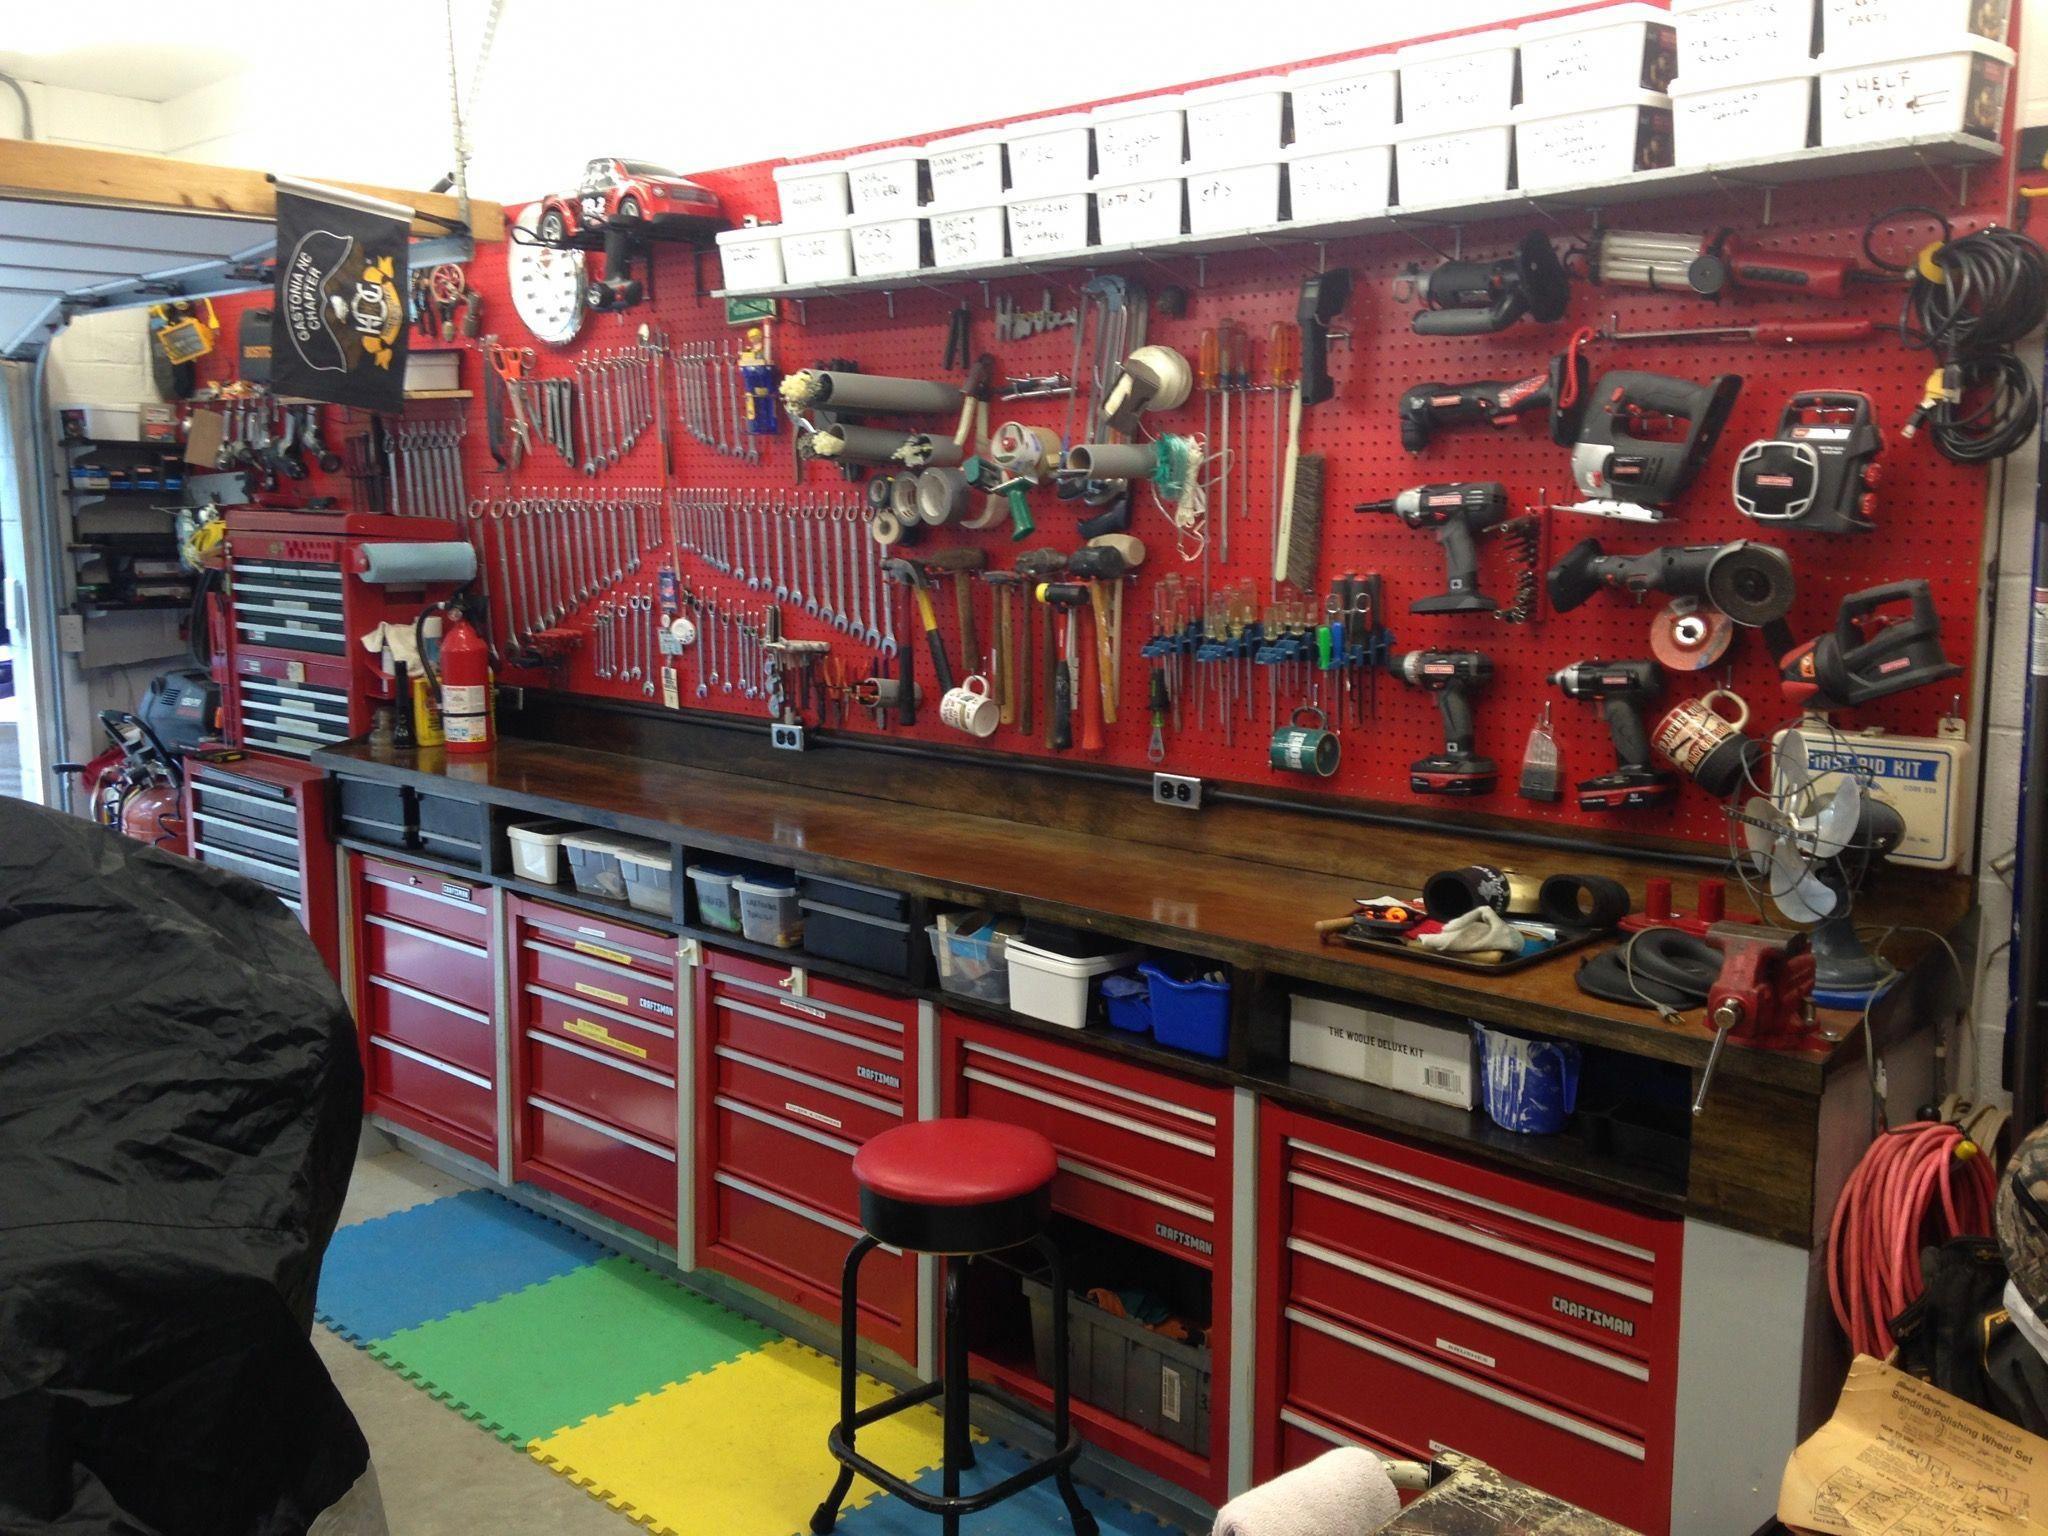 red garage bricolagemaison materielbricolage on inspiring diy garage storage design ideas on a budget to maximize your garage id=87984